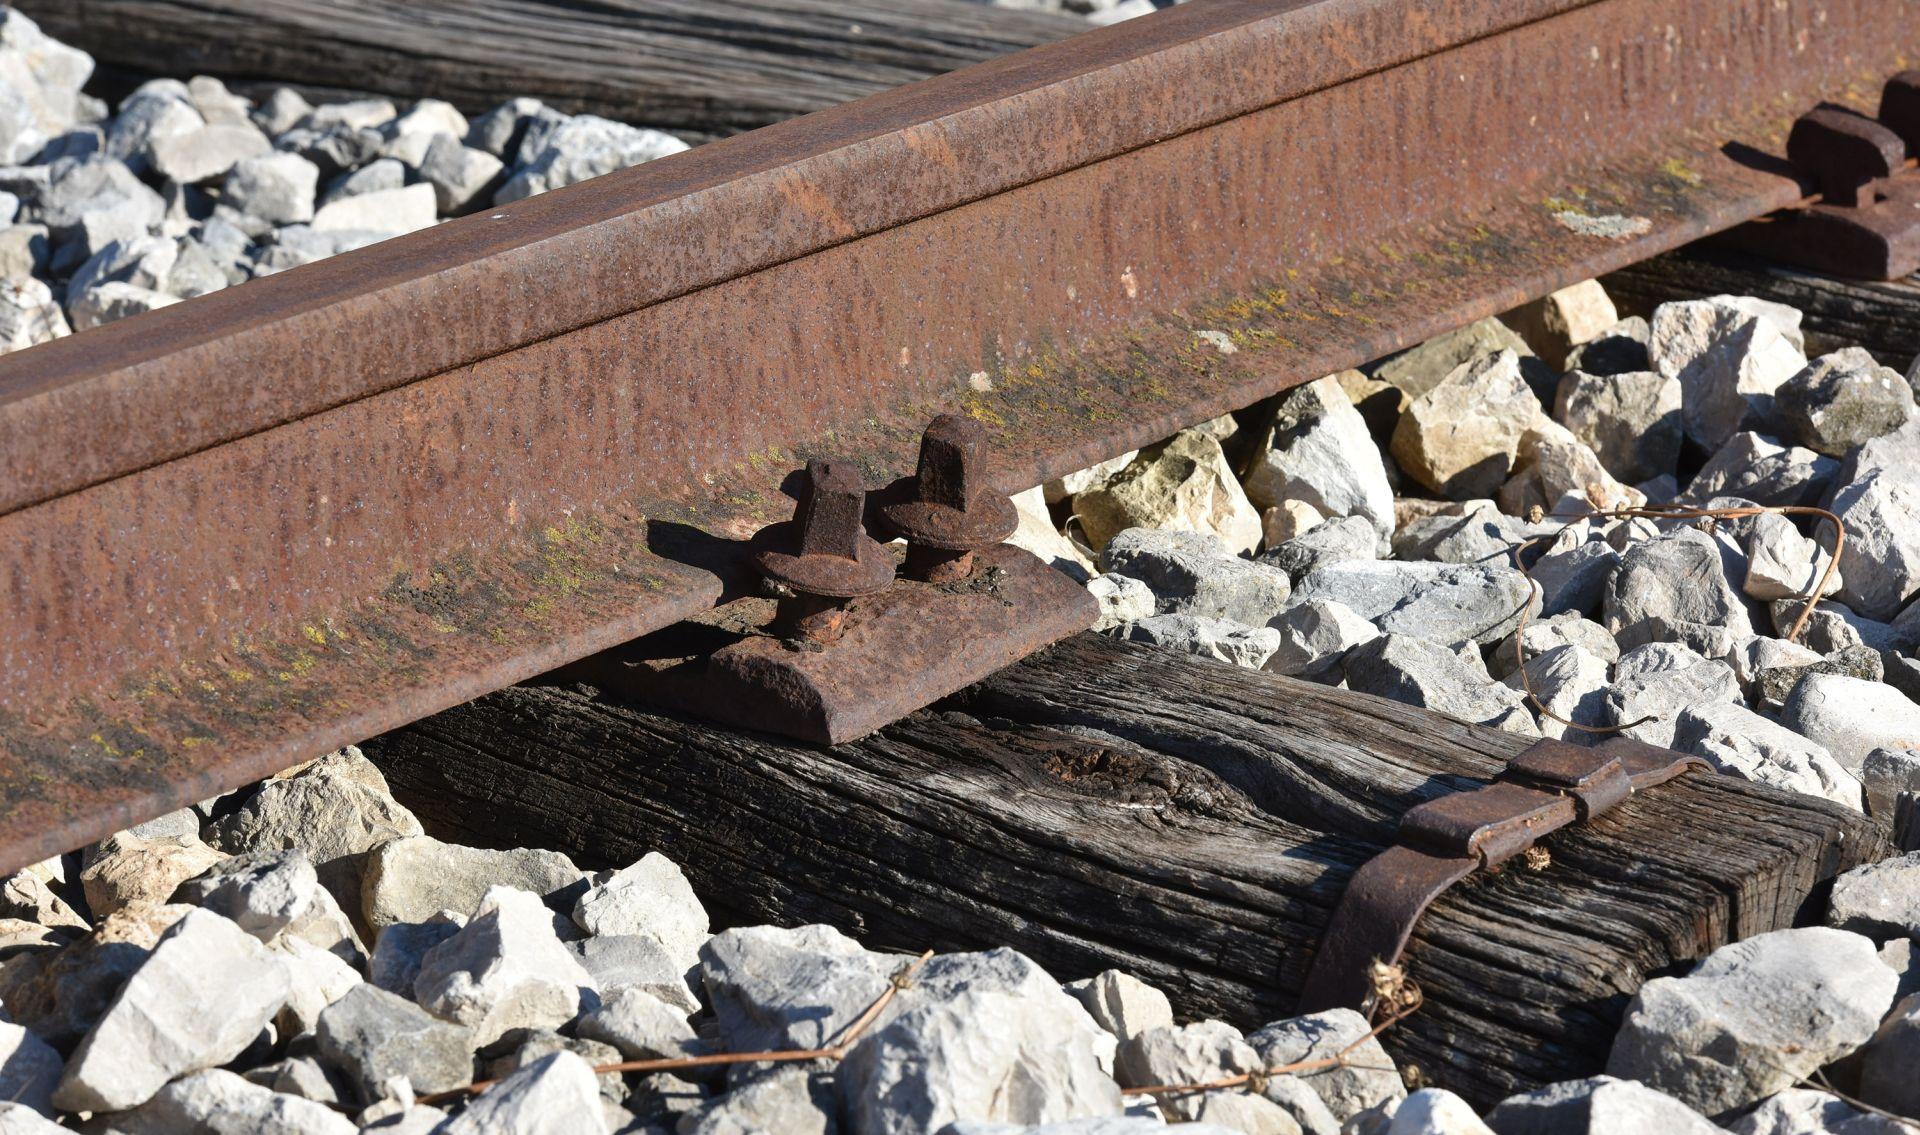 Uz prugu kod Križevaca pronađen mrtav 20-godišnji mladić